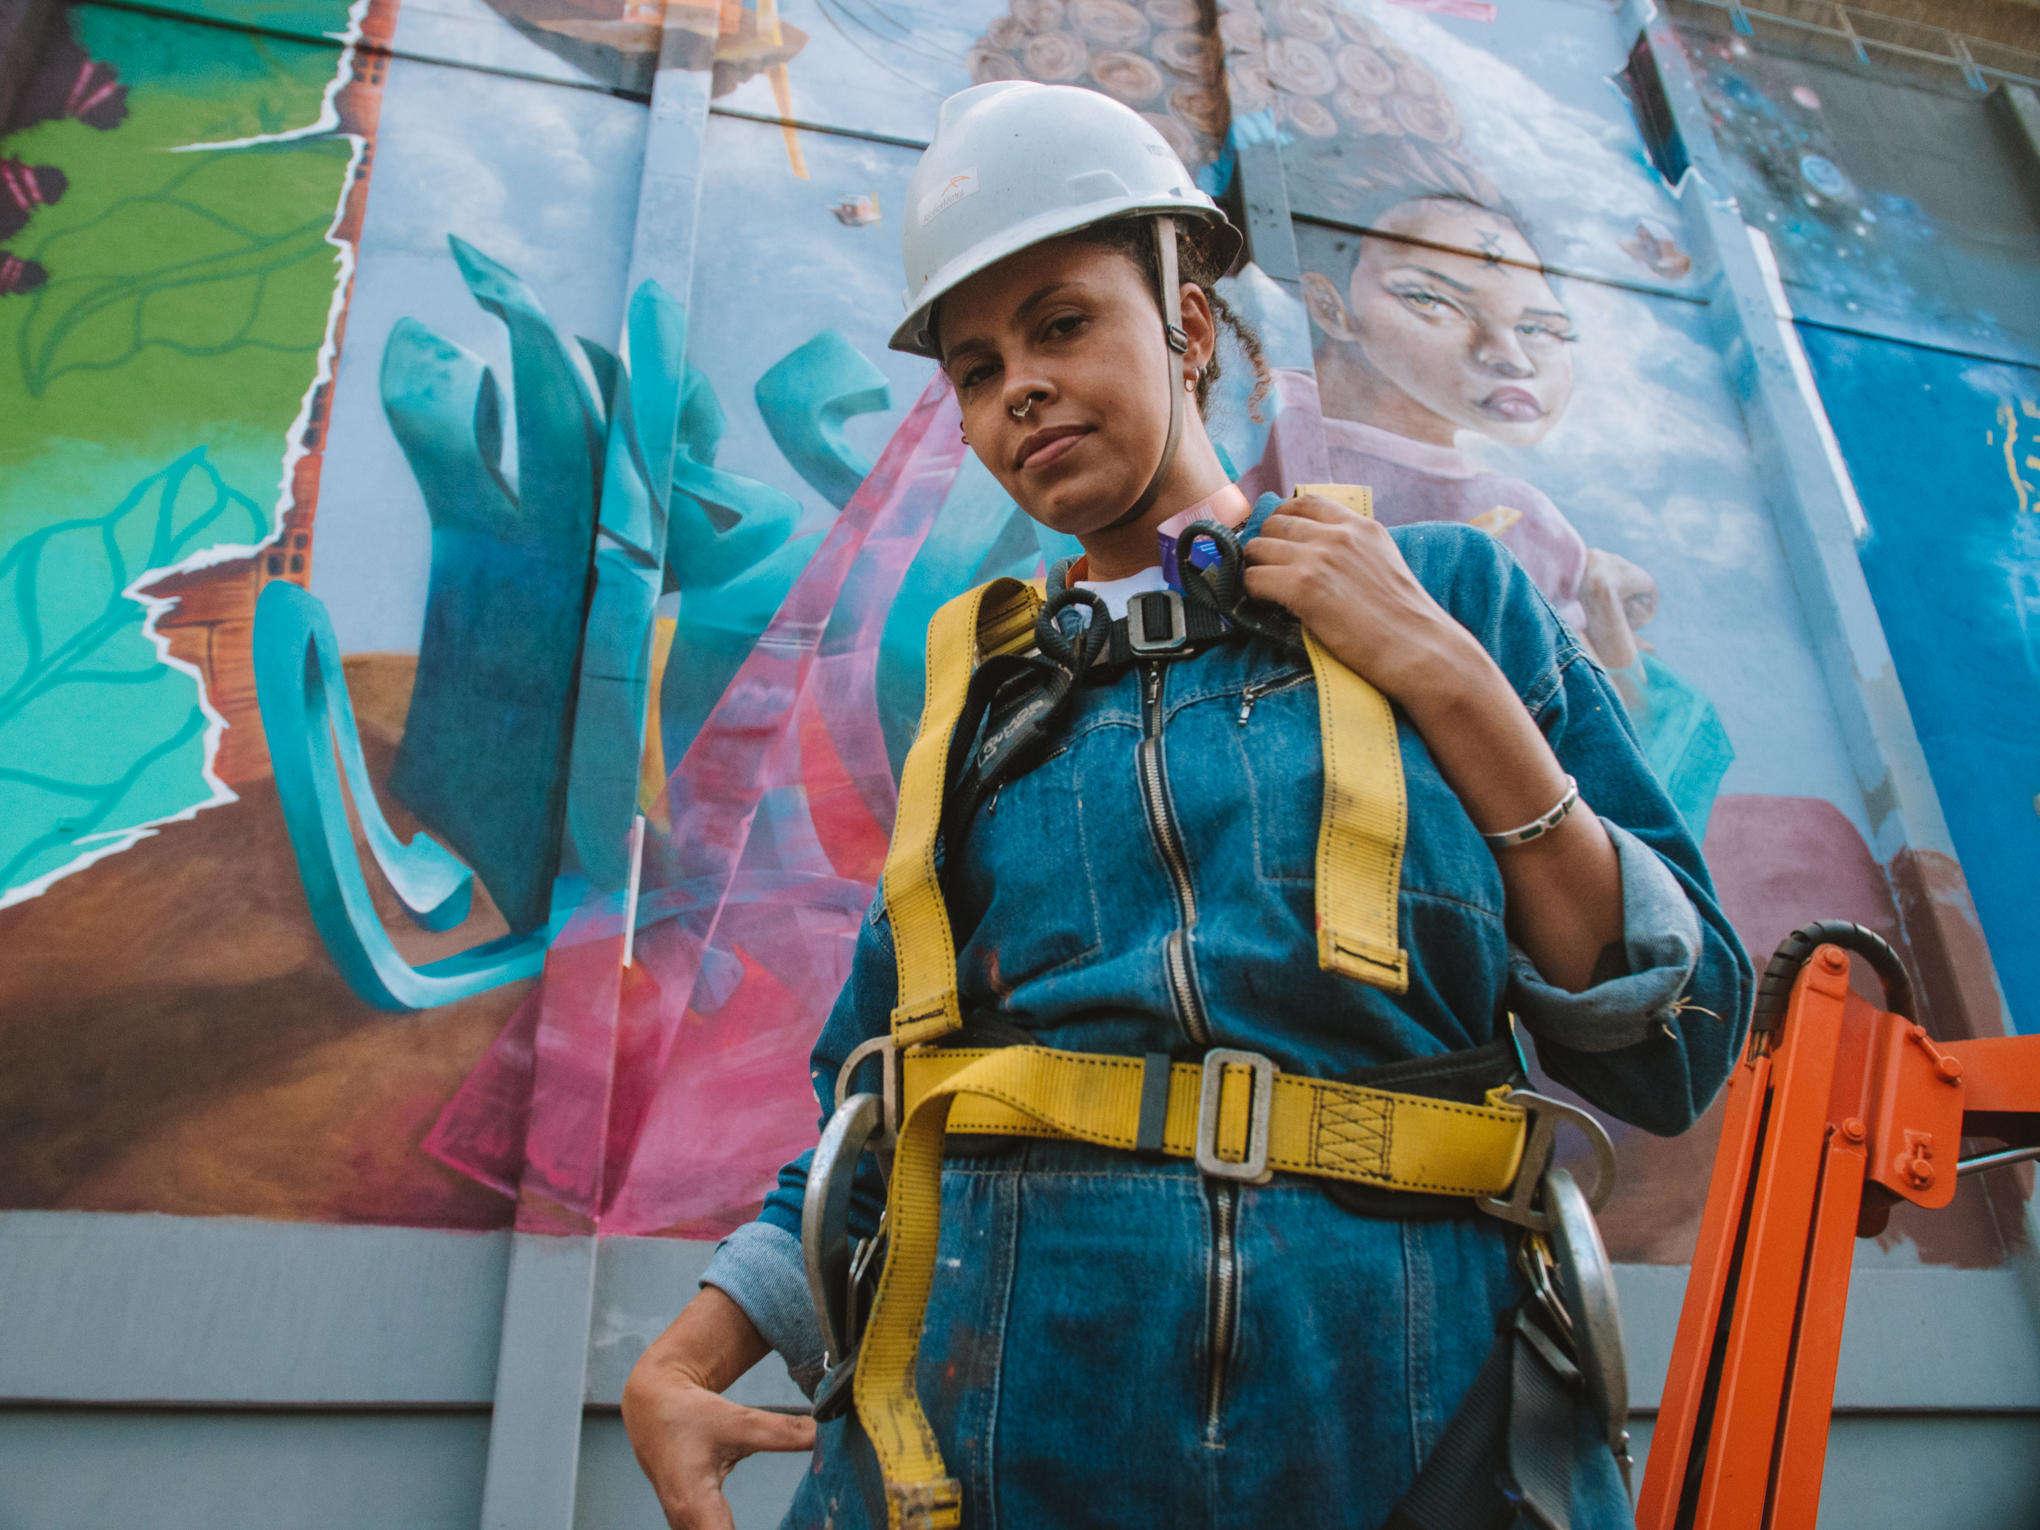 Projeto de democratização da arte de rua reuniu 14 artistas para pintar 2.000m² de muro e transformar o cotidiano de João Monlevade